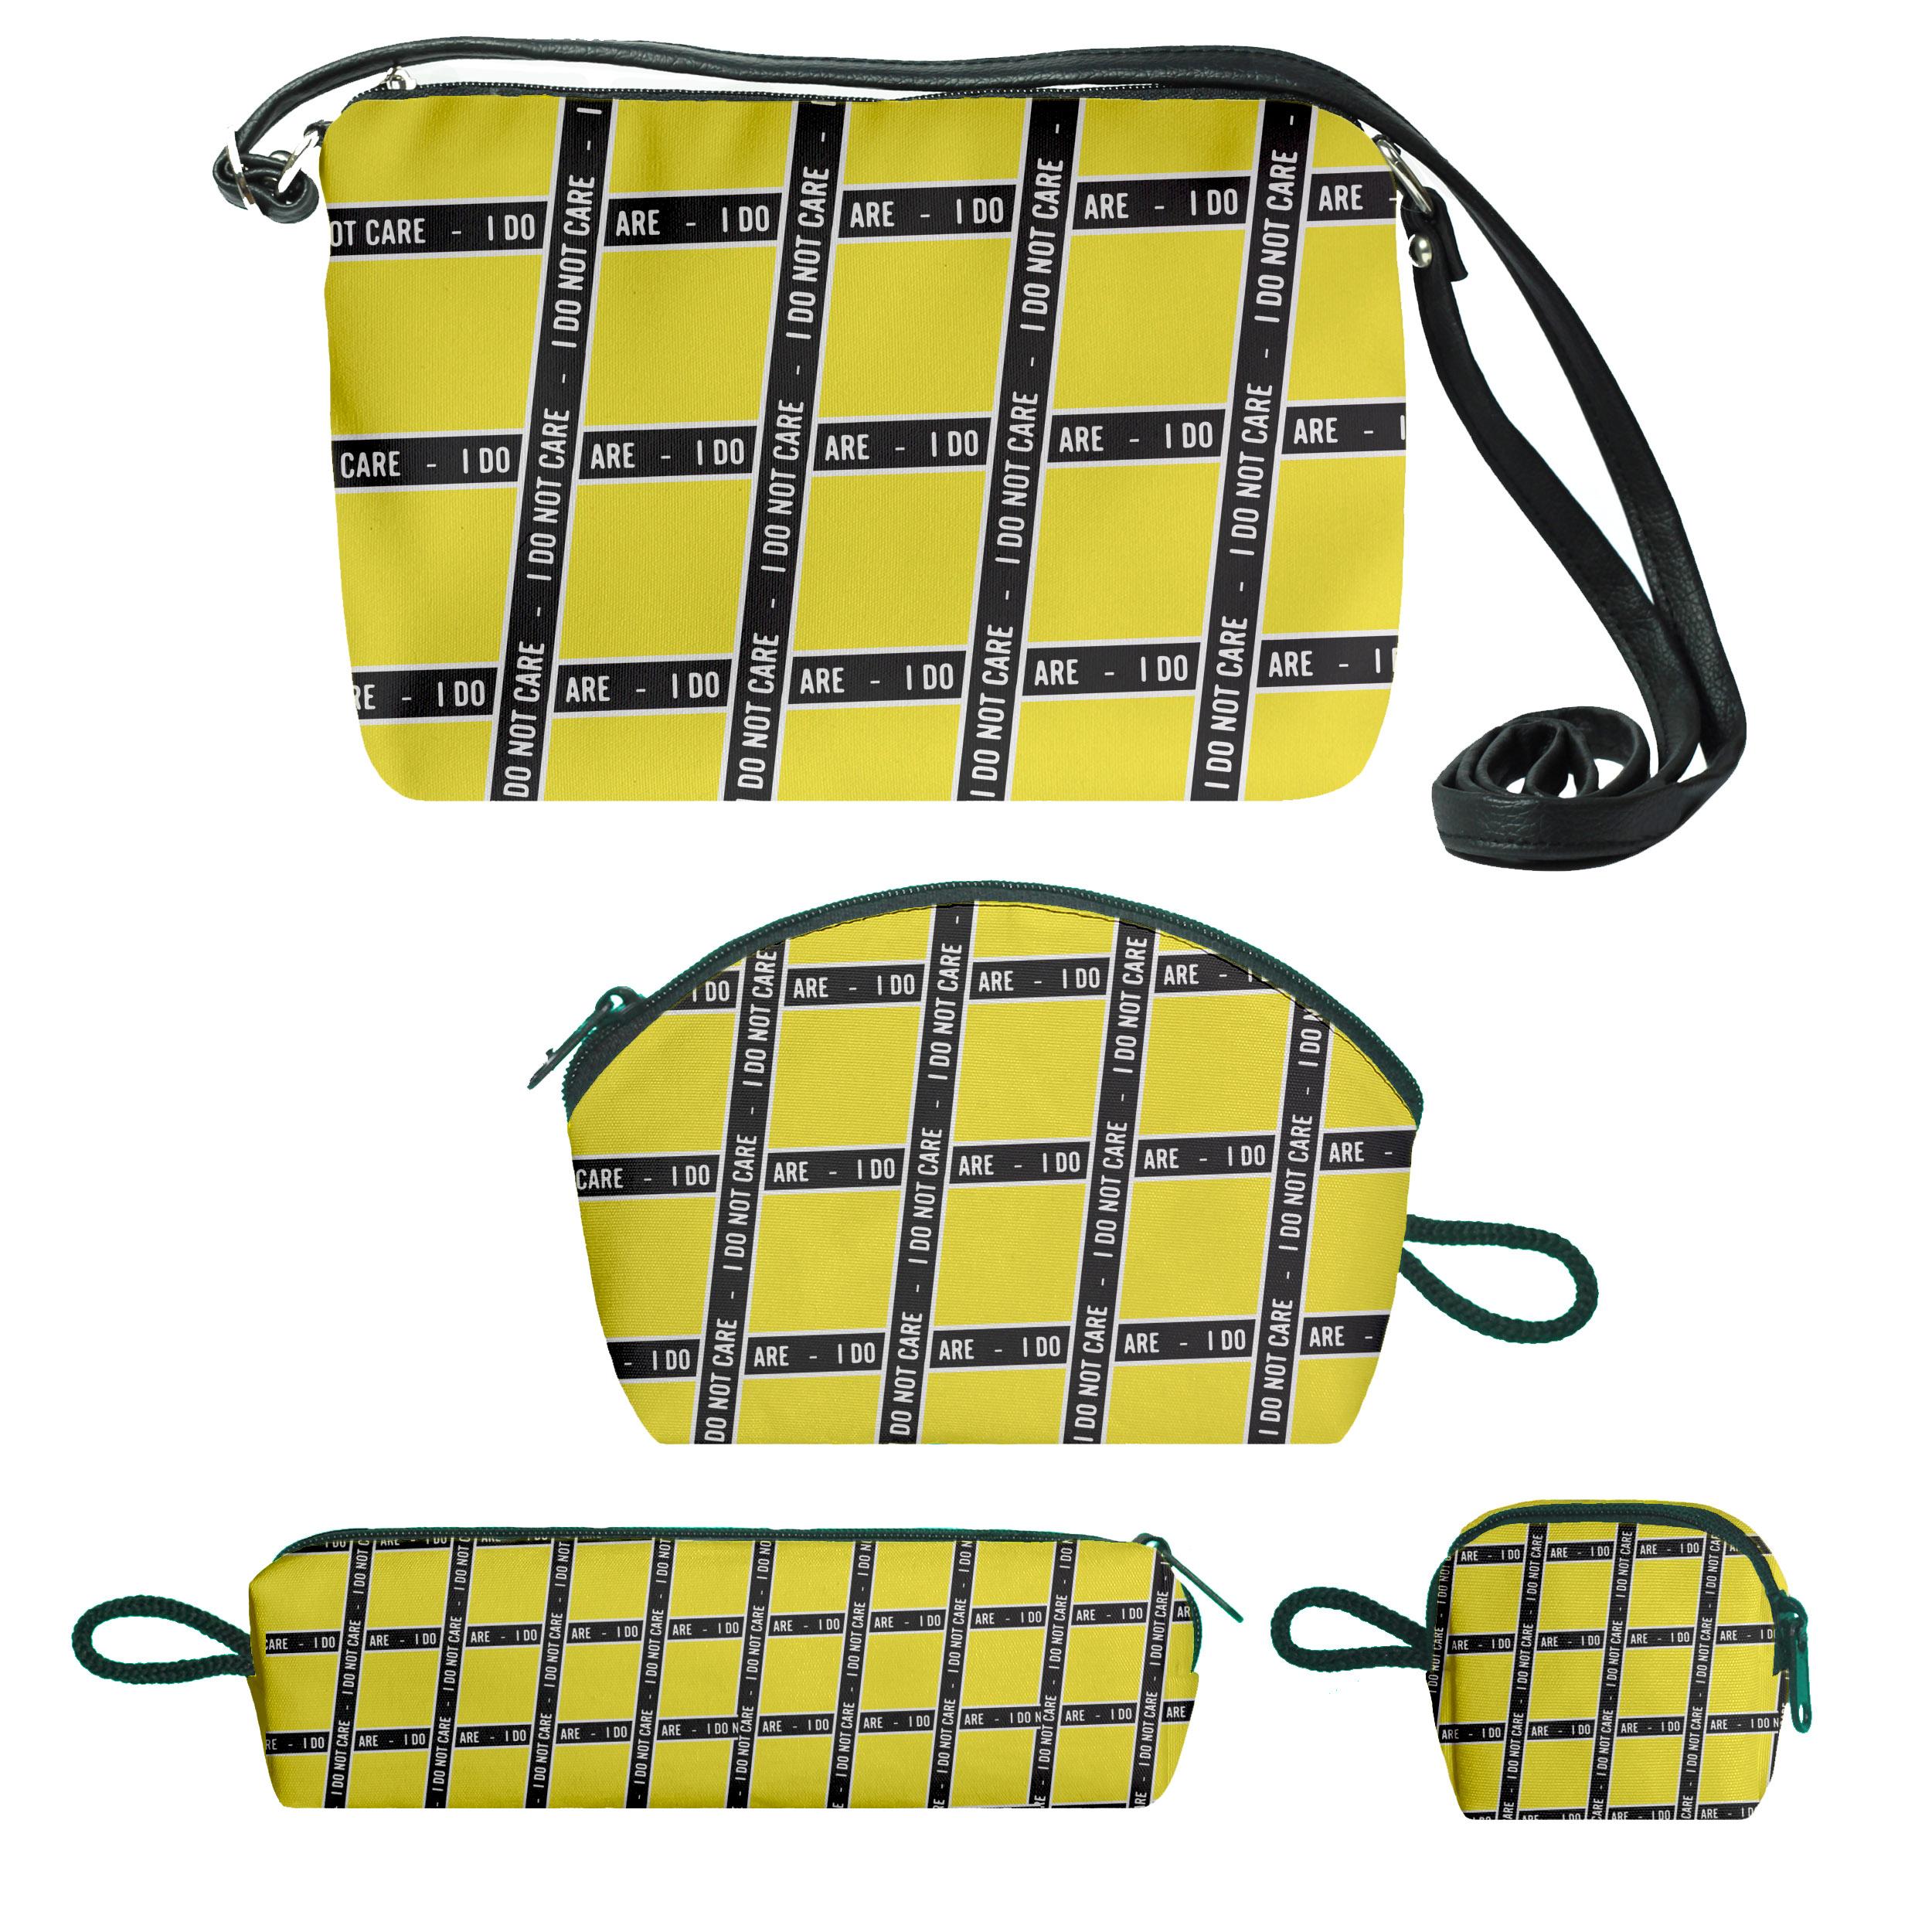 کیف دخترانه طرح care کد f174 مجموعه 4 عددی